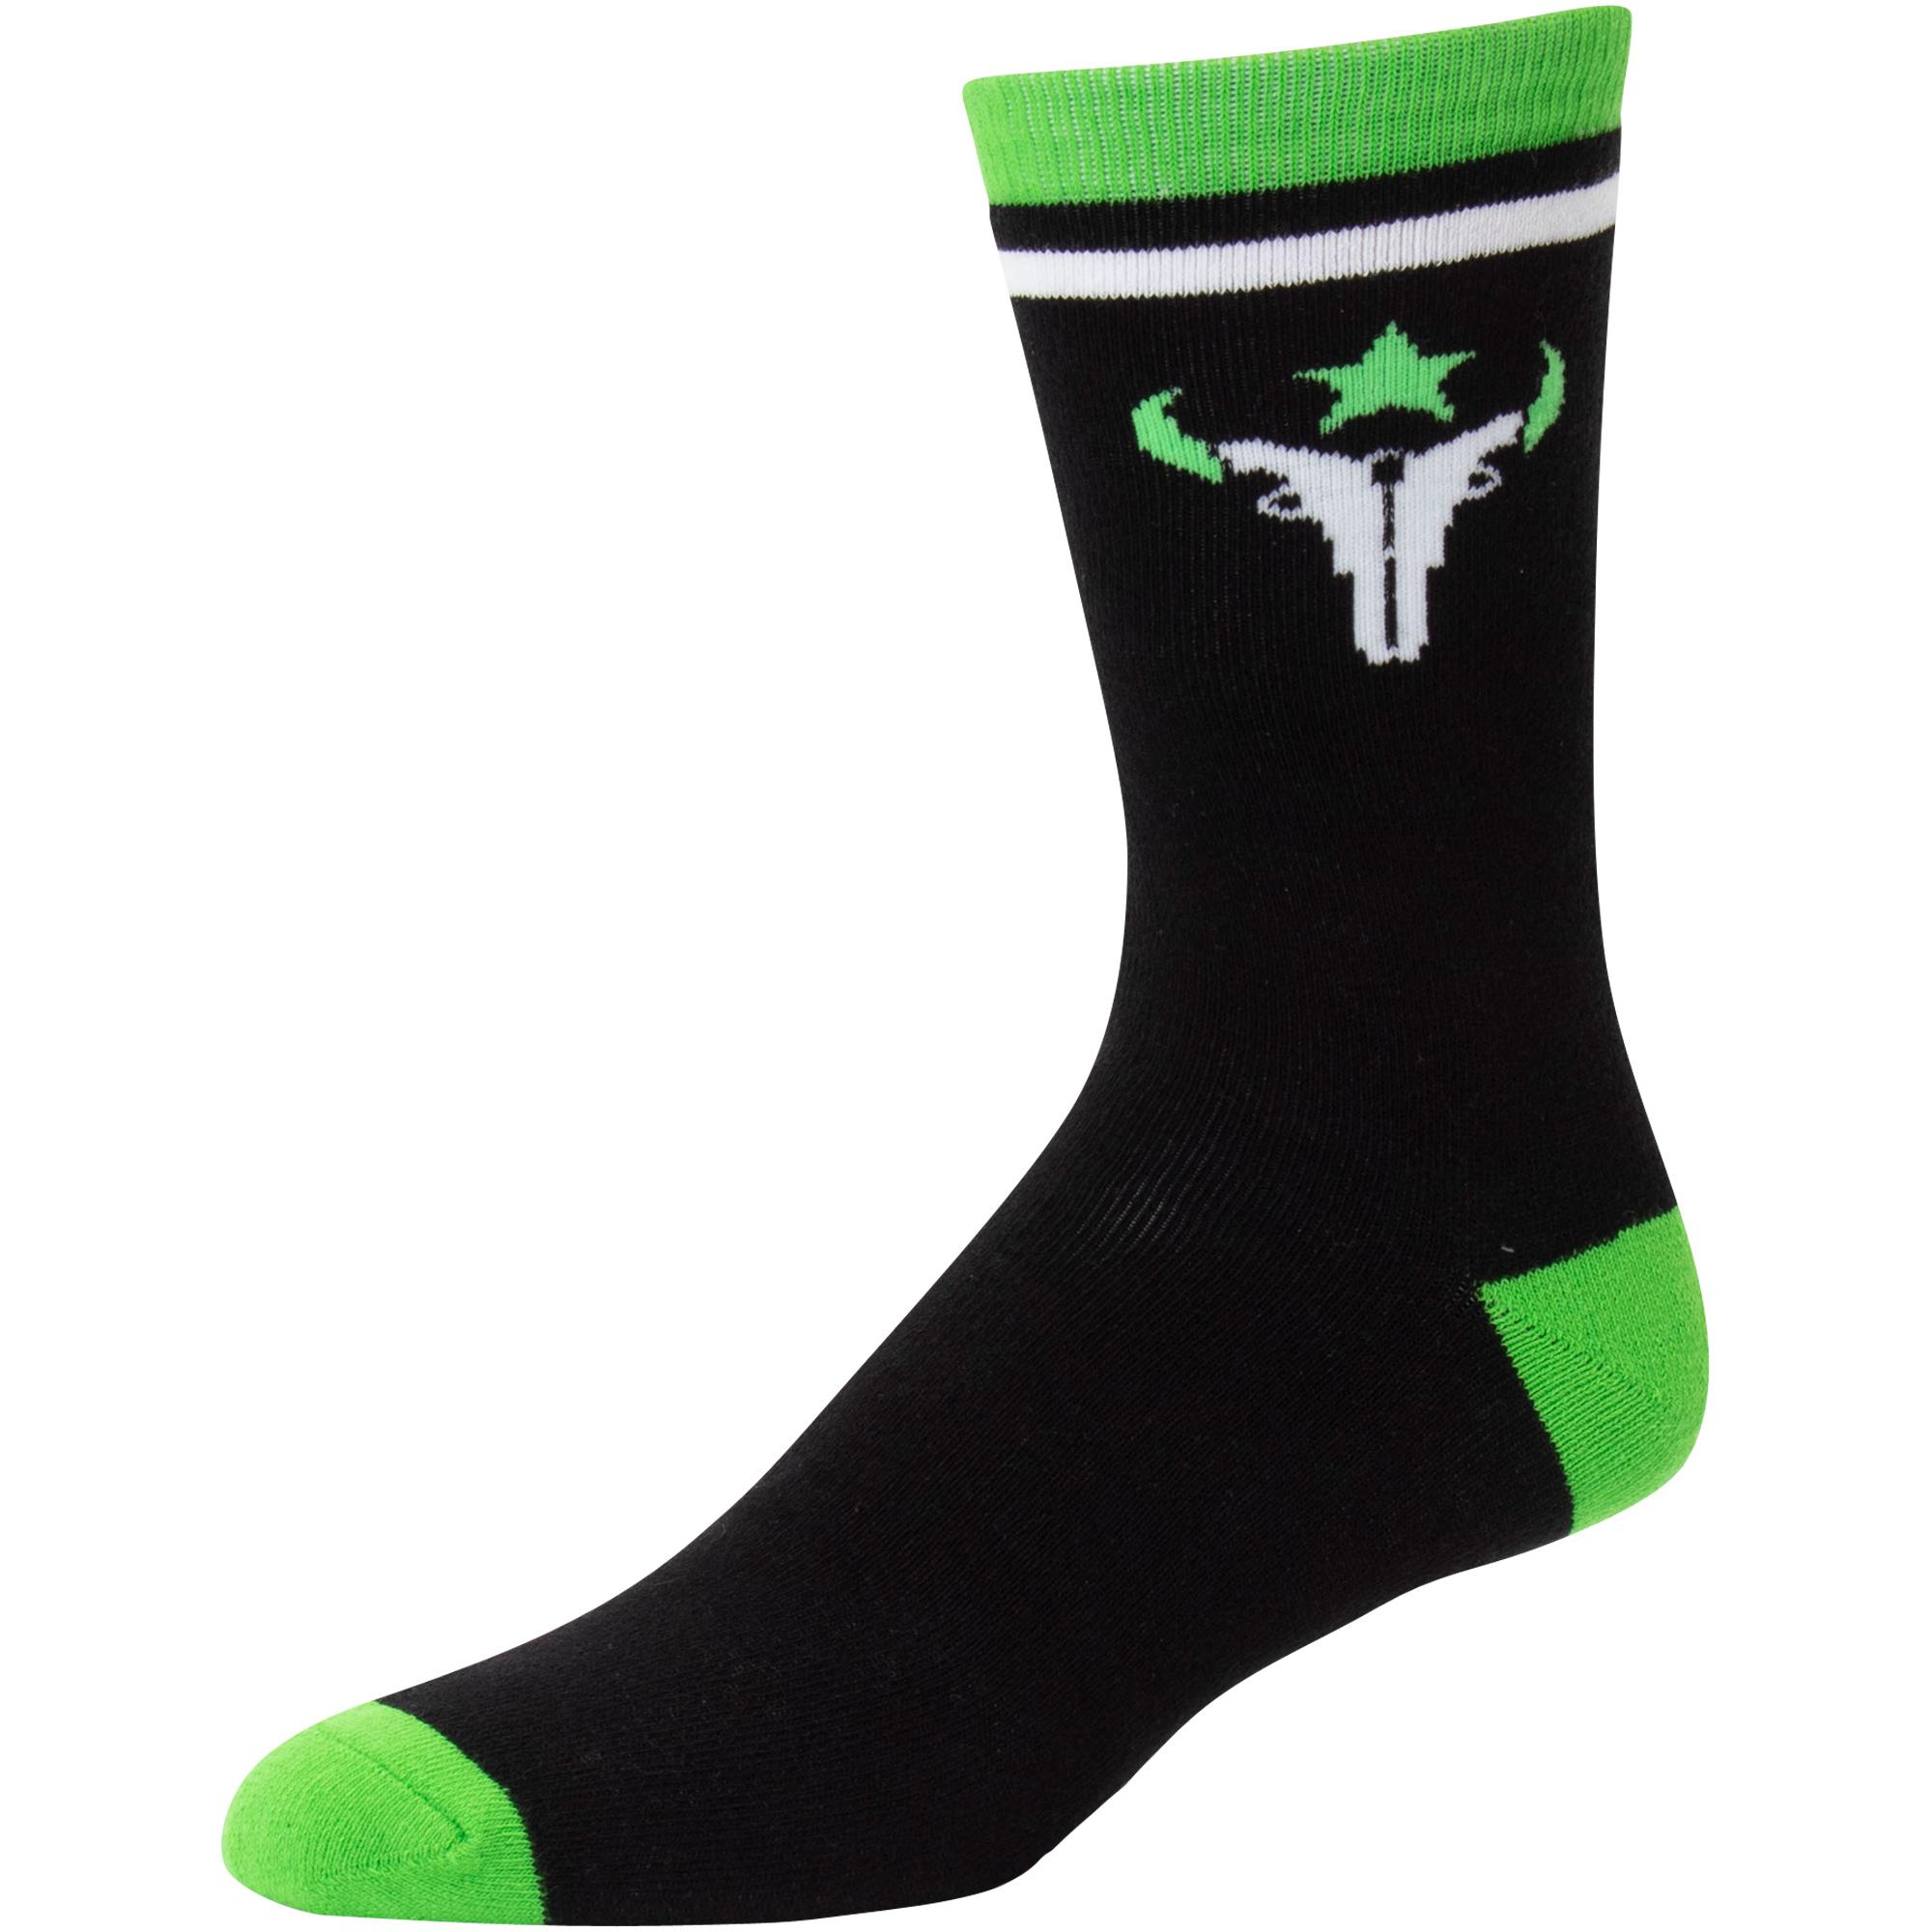 Houston Outlaws Overwatch League Team Logo Socks - OSFA